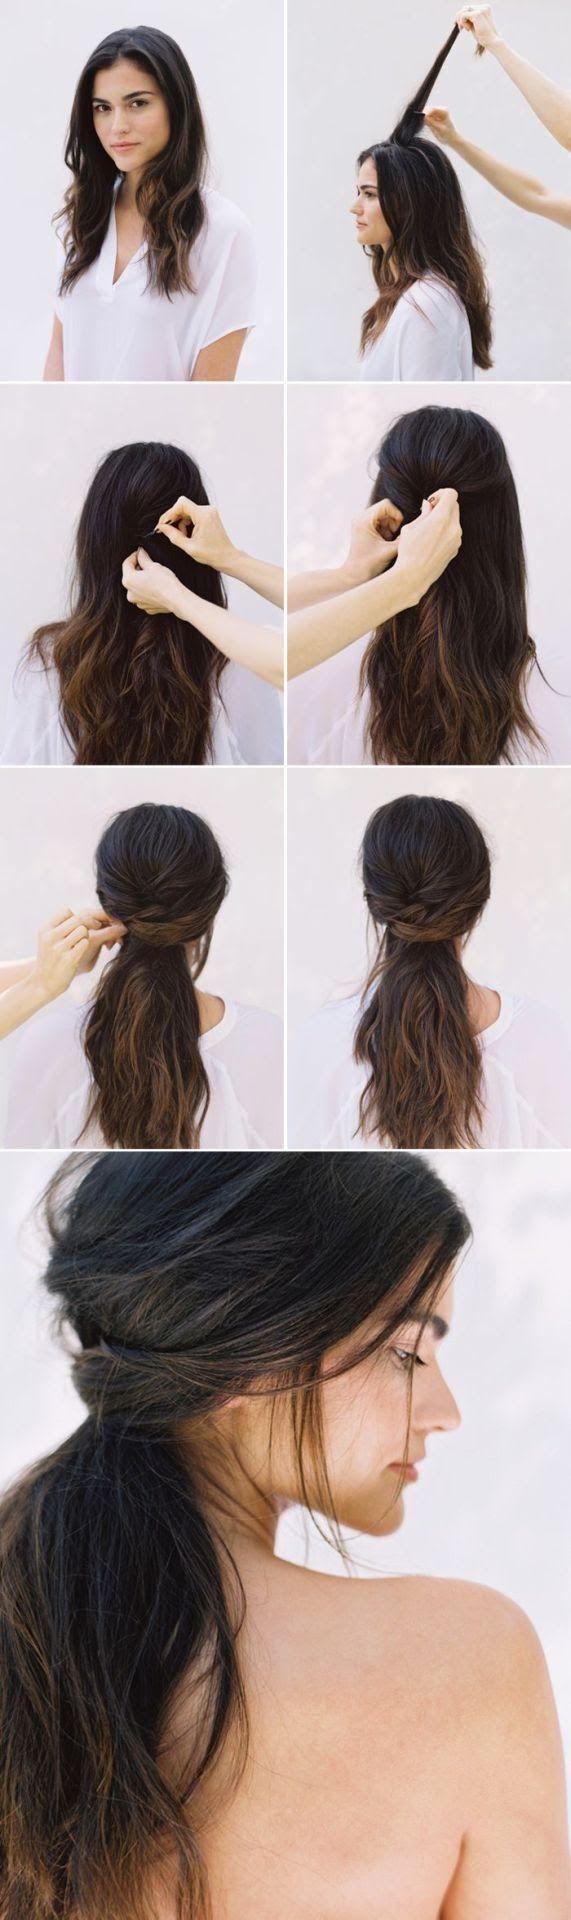 Boho hair styles u boho hair styles wedding hair pinterest